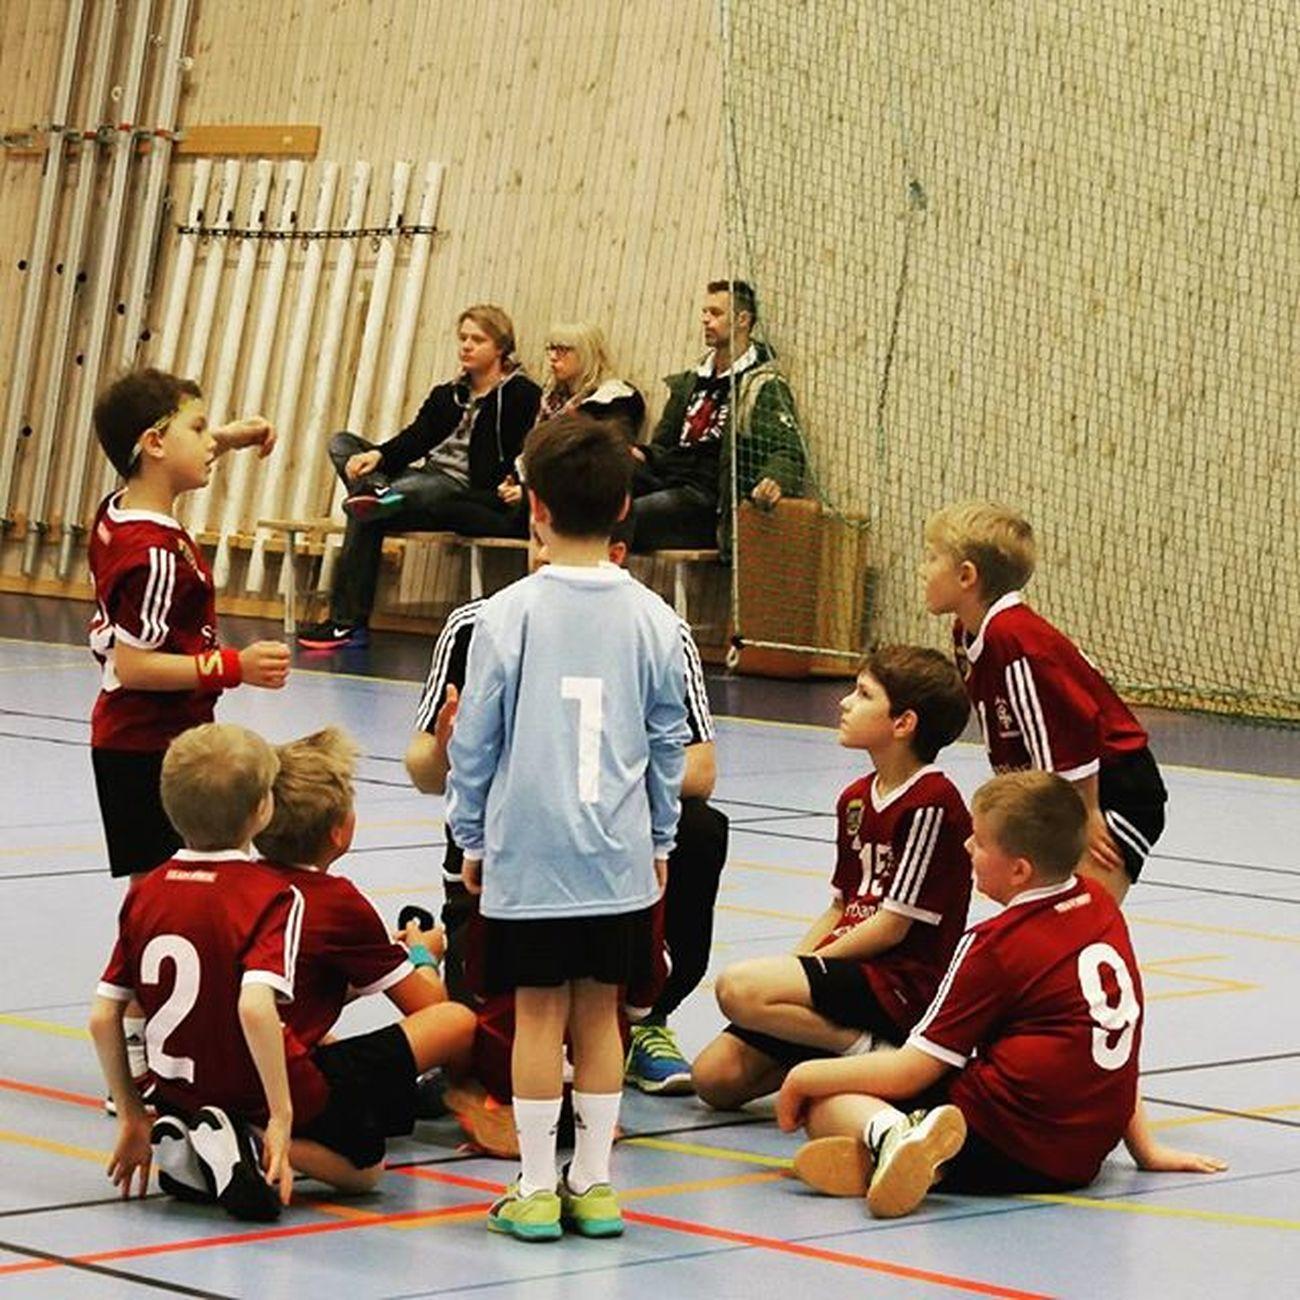 Lagsnack Ksk Kungsängen Handboll Lumixg7 Ig_sweden Panasonicg7